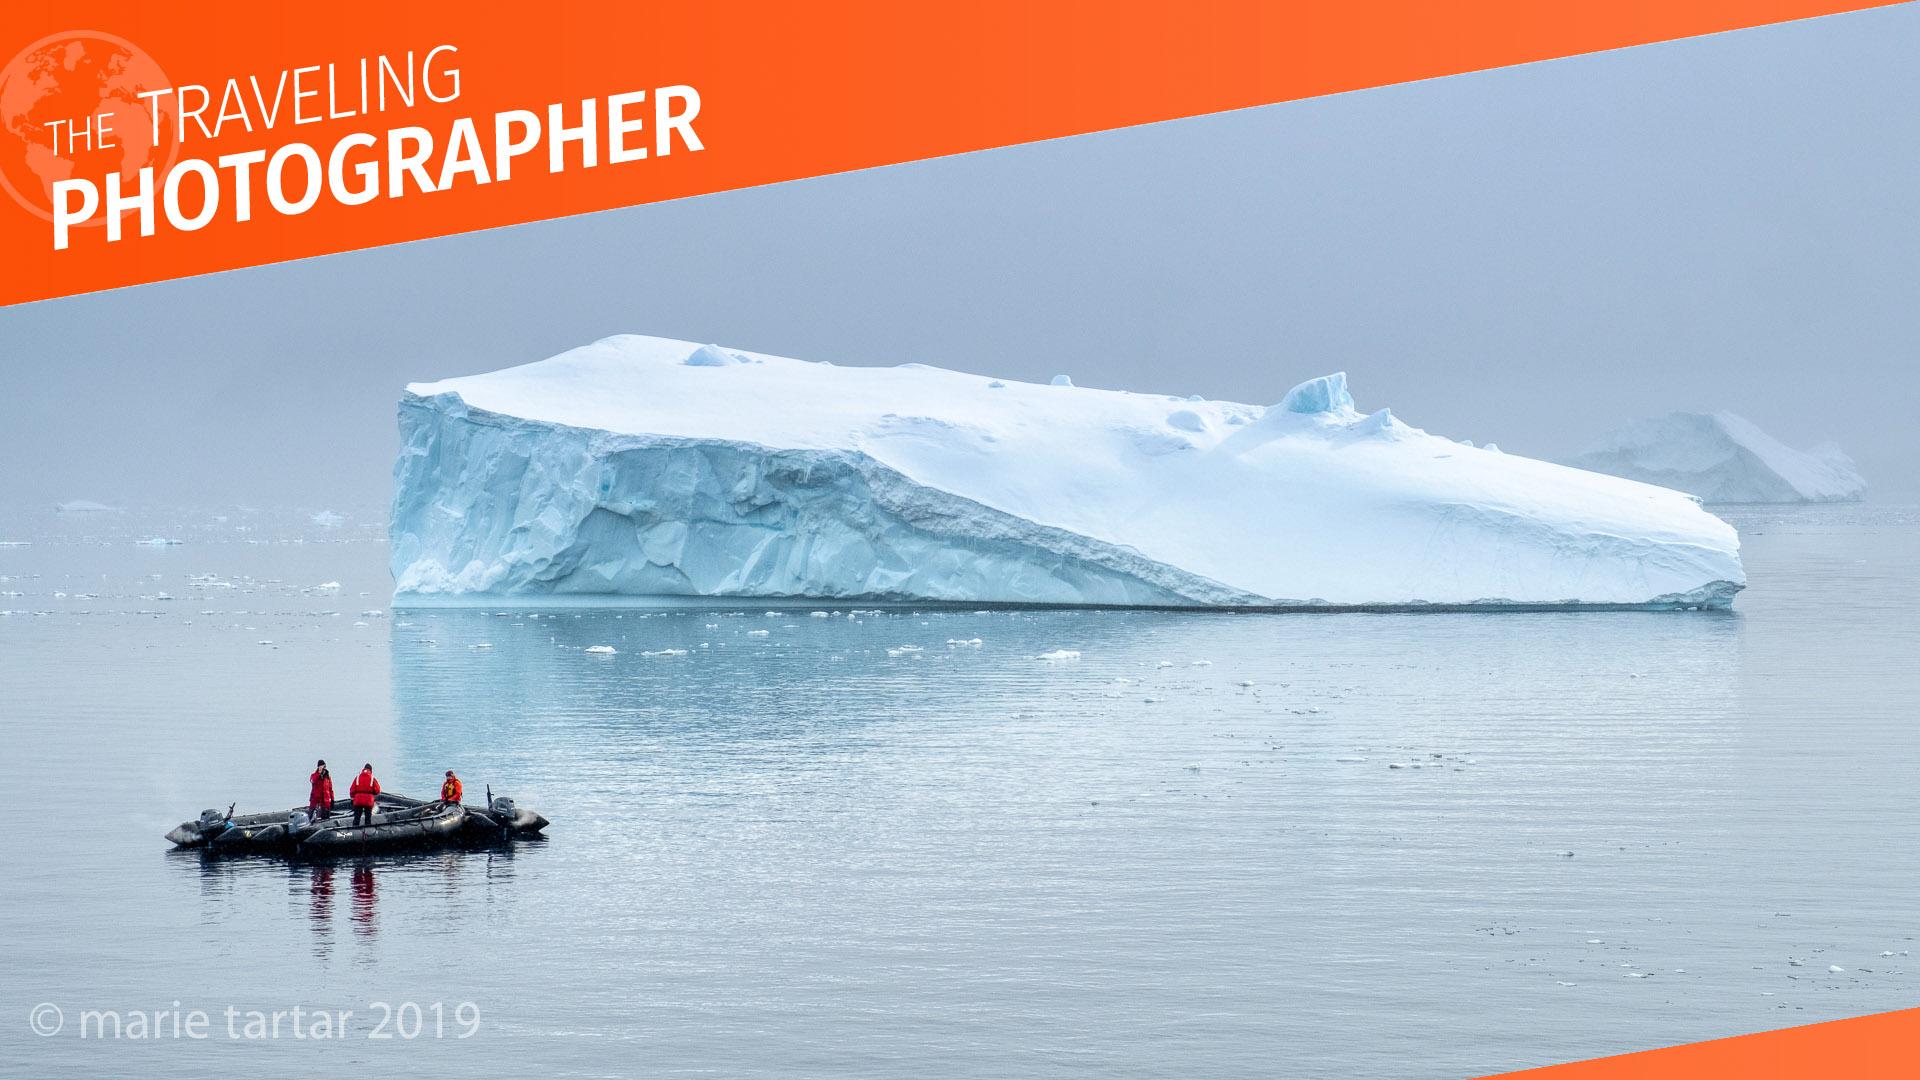 Travelers in a zodiac admire an iceberg in Antarctica